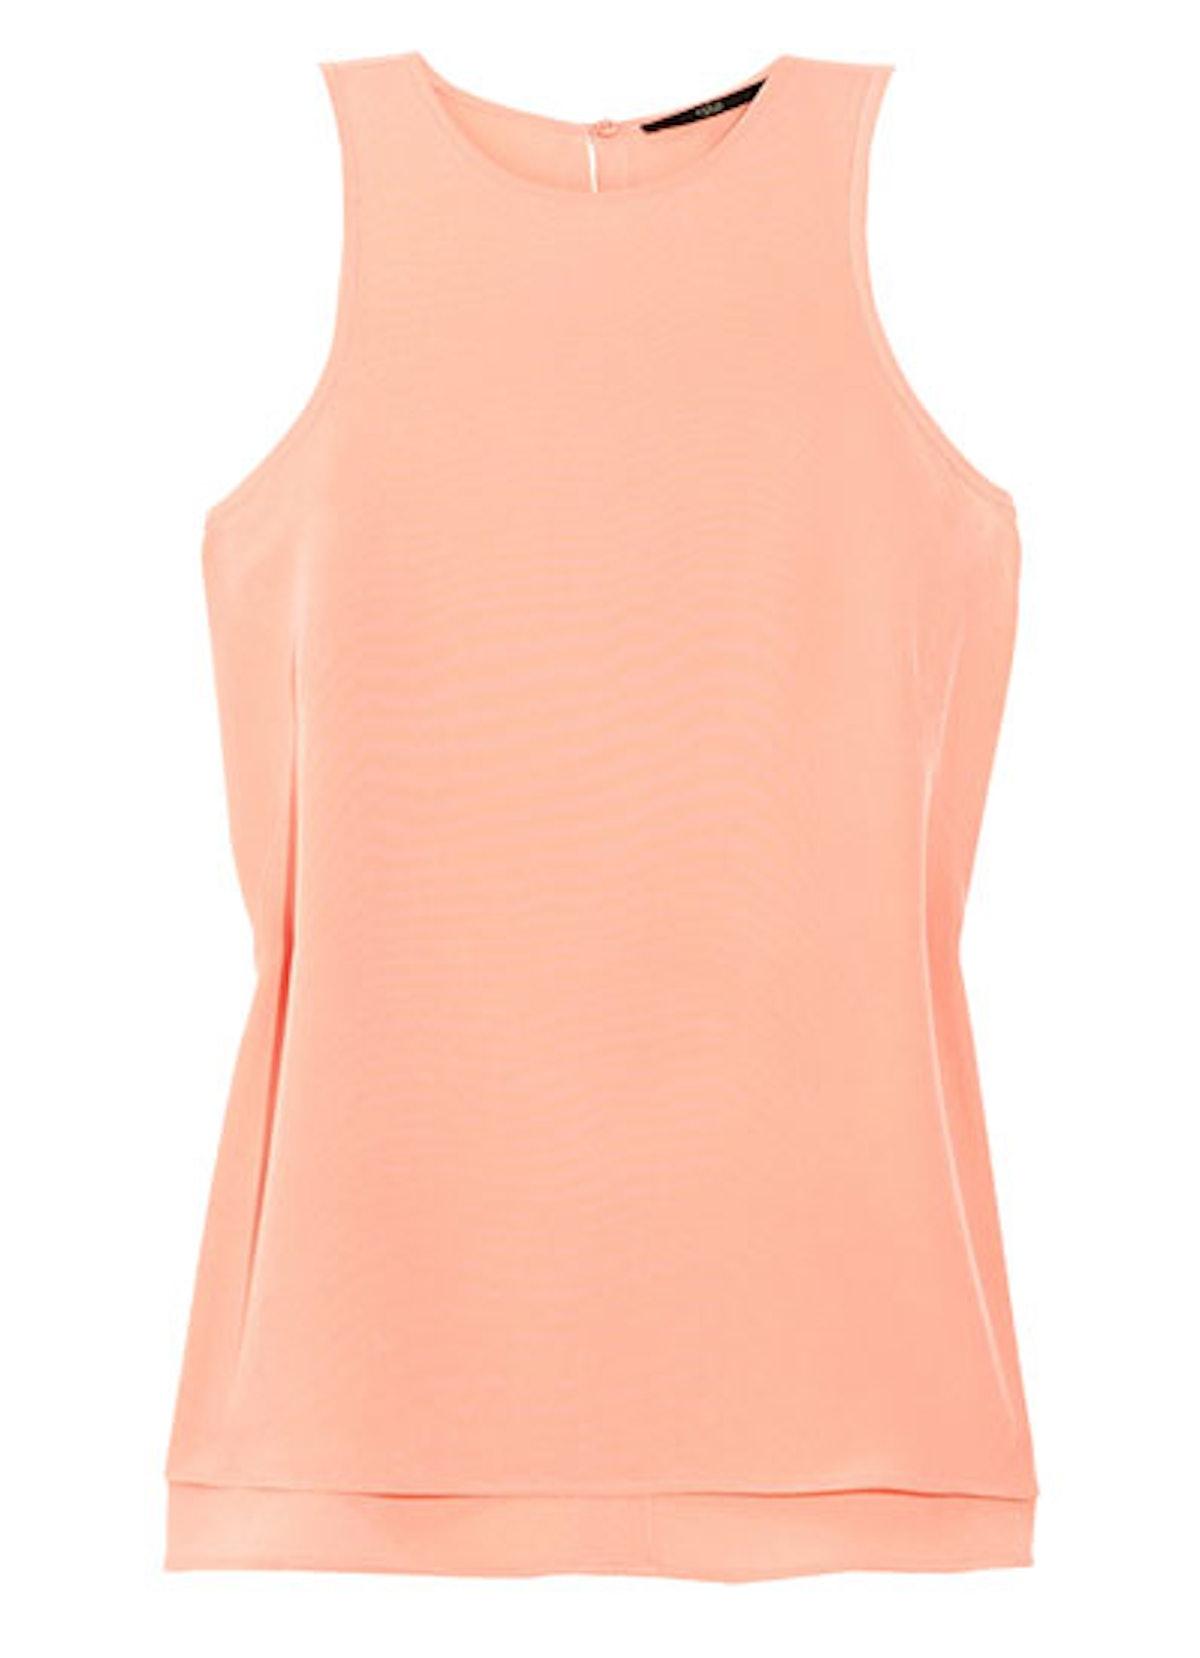 fass-sleeveless-blouses-02-v.jpg